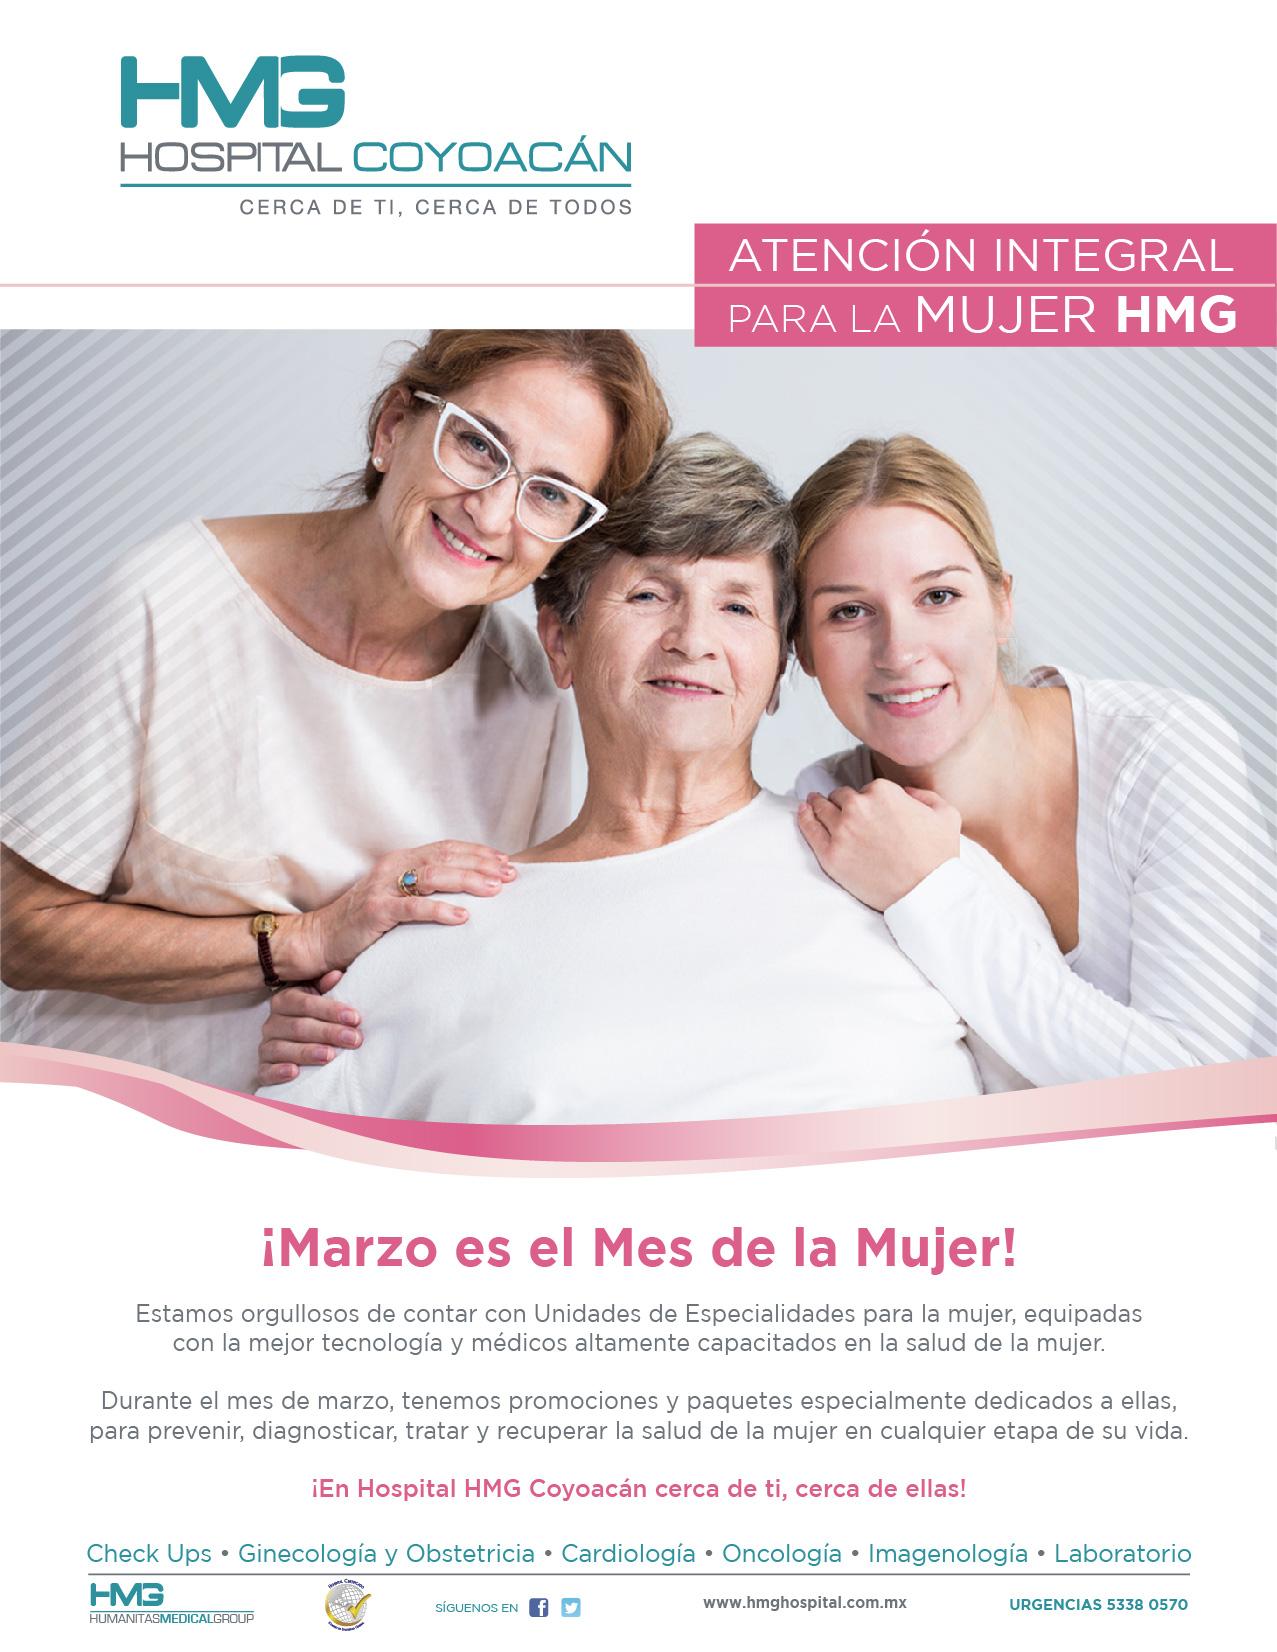 ANUNCIO MUJER HMG 2016-01